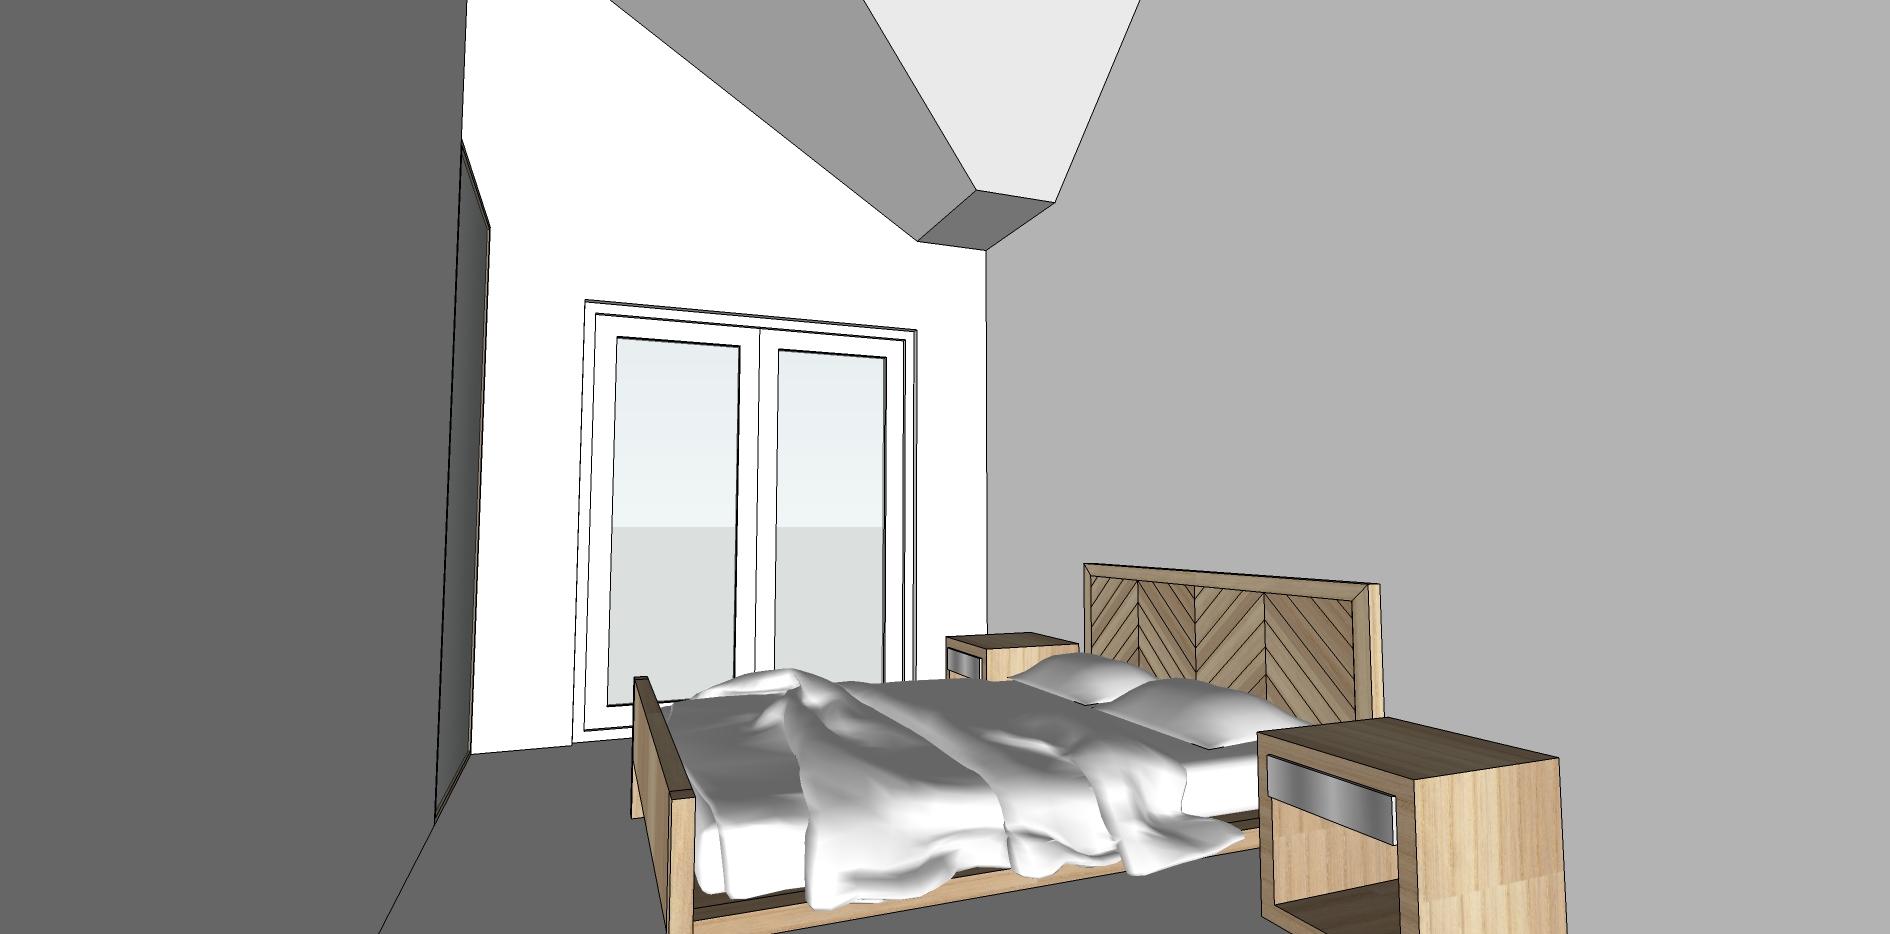 Upstairs 3D render